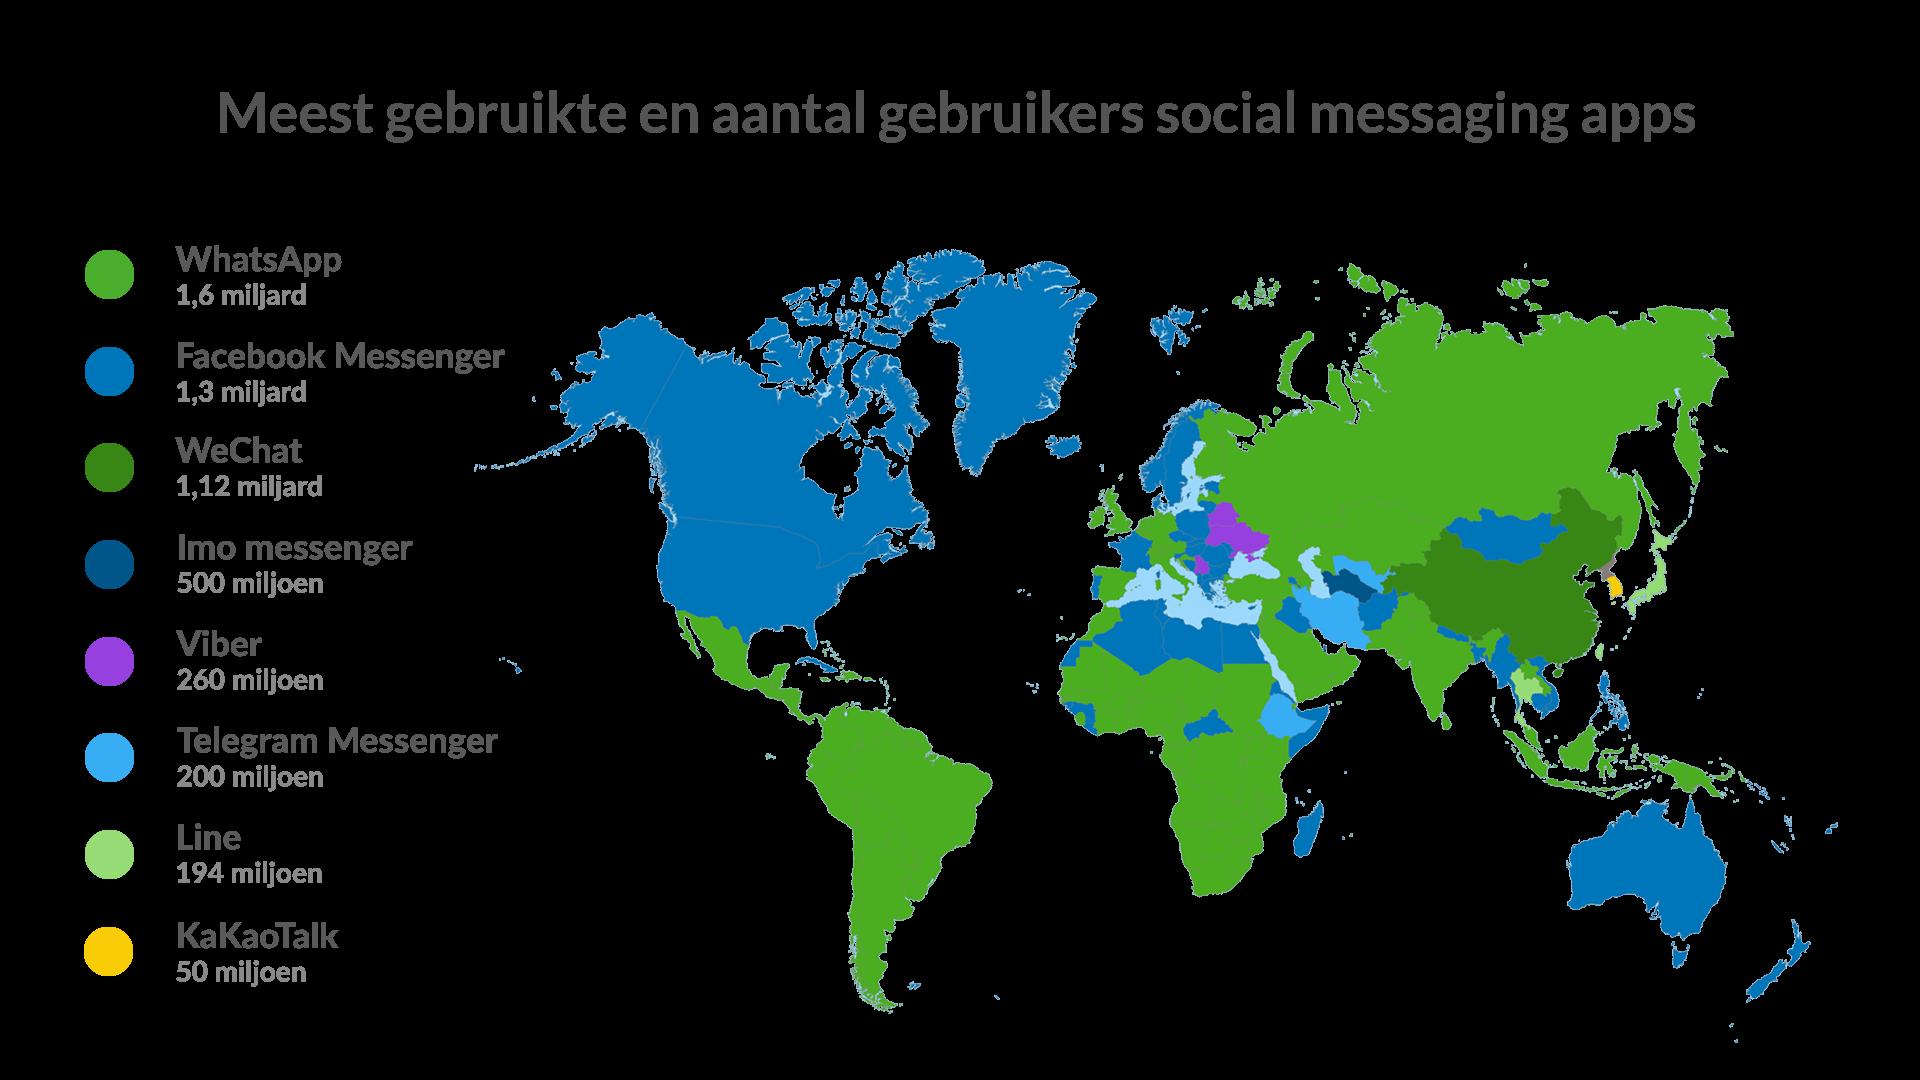 meest-gebruikte-social-messaging-apps-wereldwijd